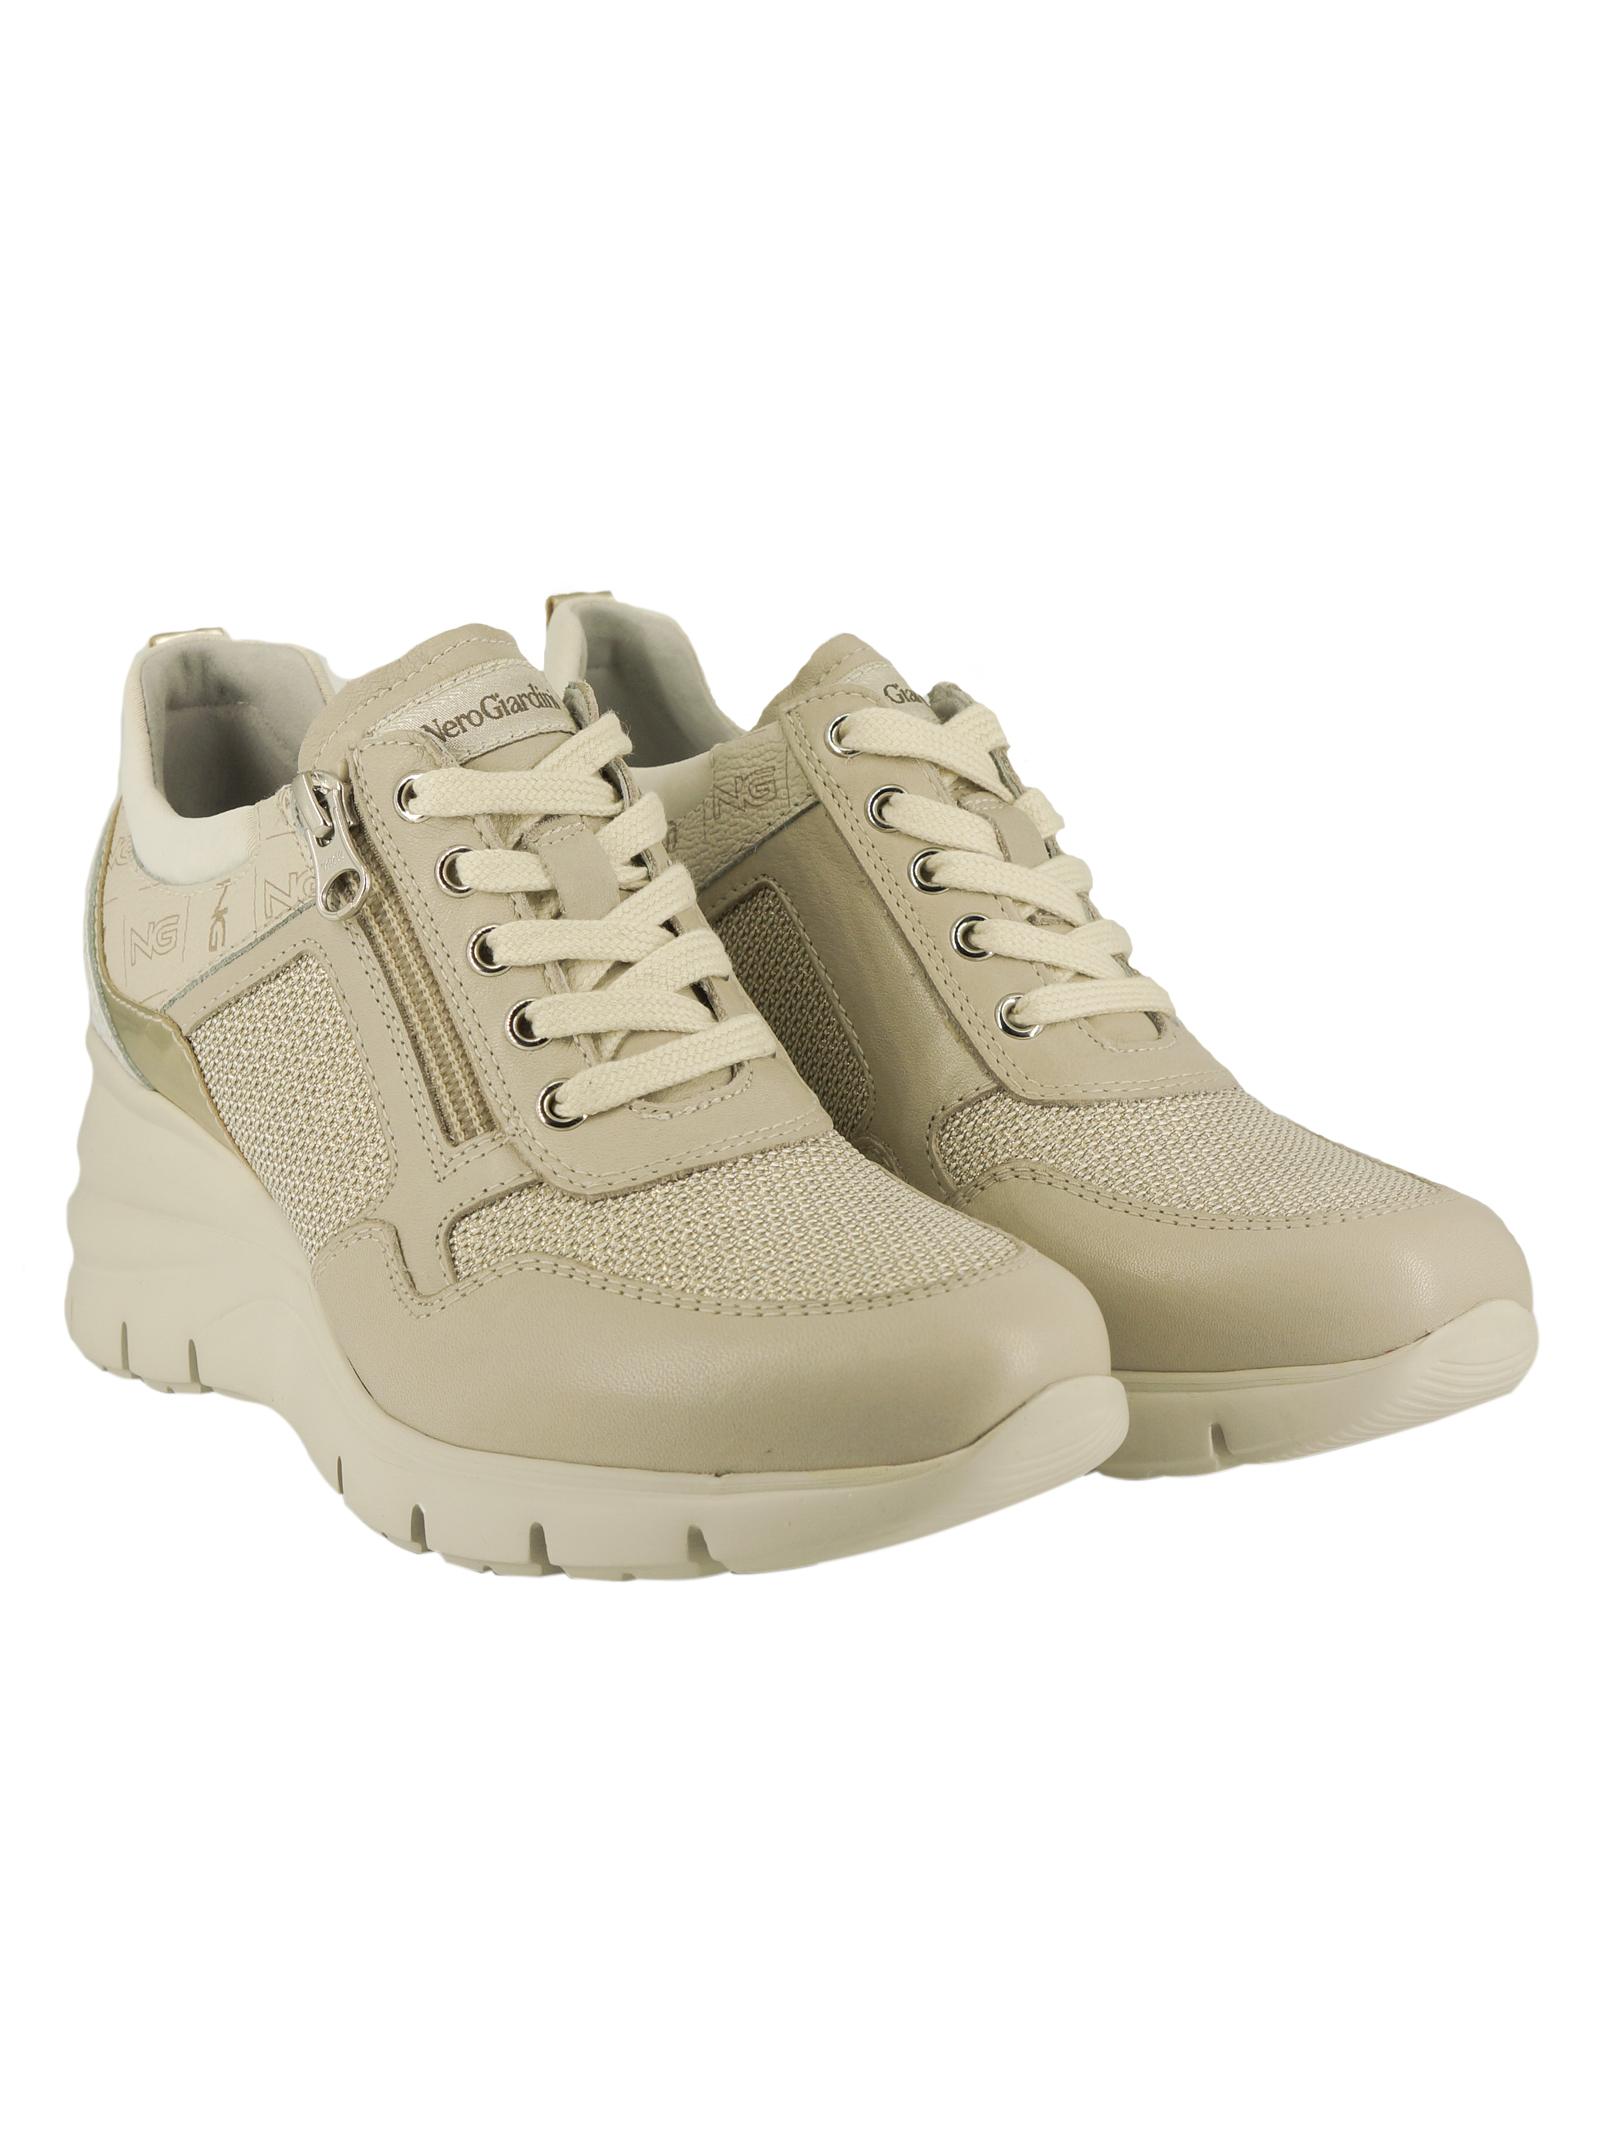 Sneakers Donna in Pelle Nero Giardini Nero Giardini | Sneakers | E115134DAVORIO702